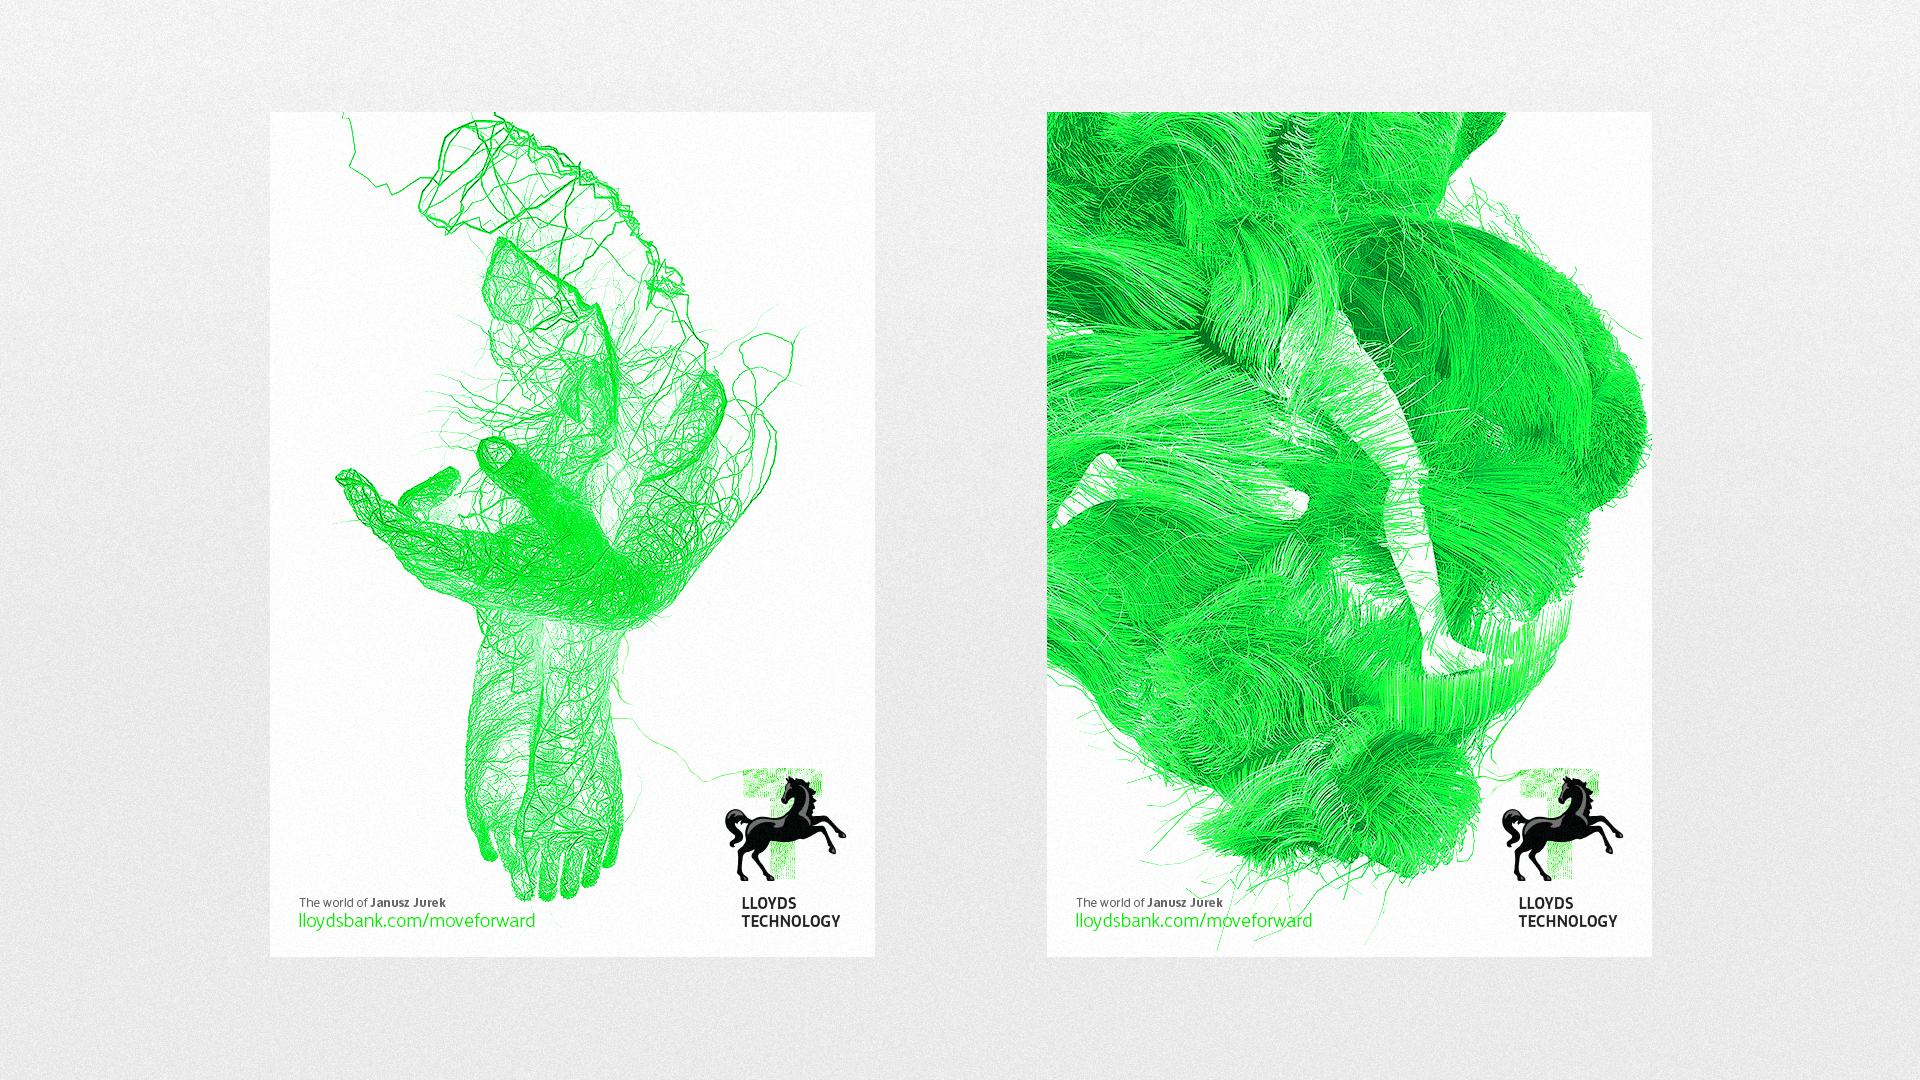 LLOYDS-GroupTech-Posters_Art-02b